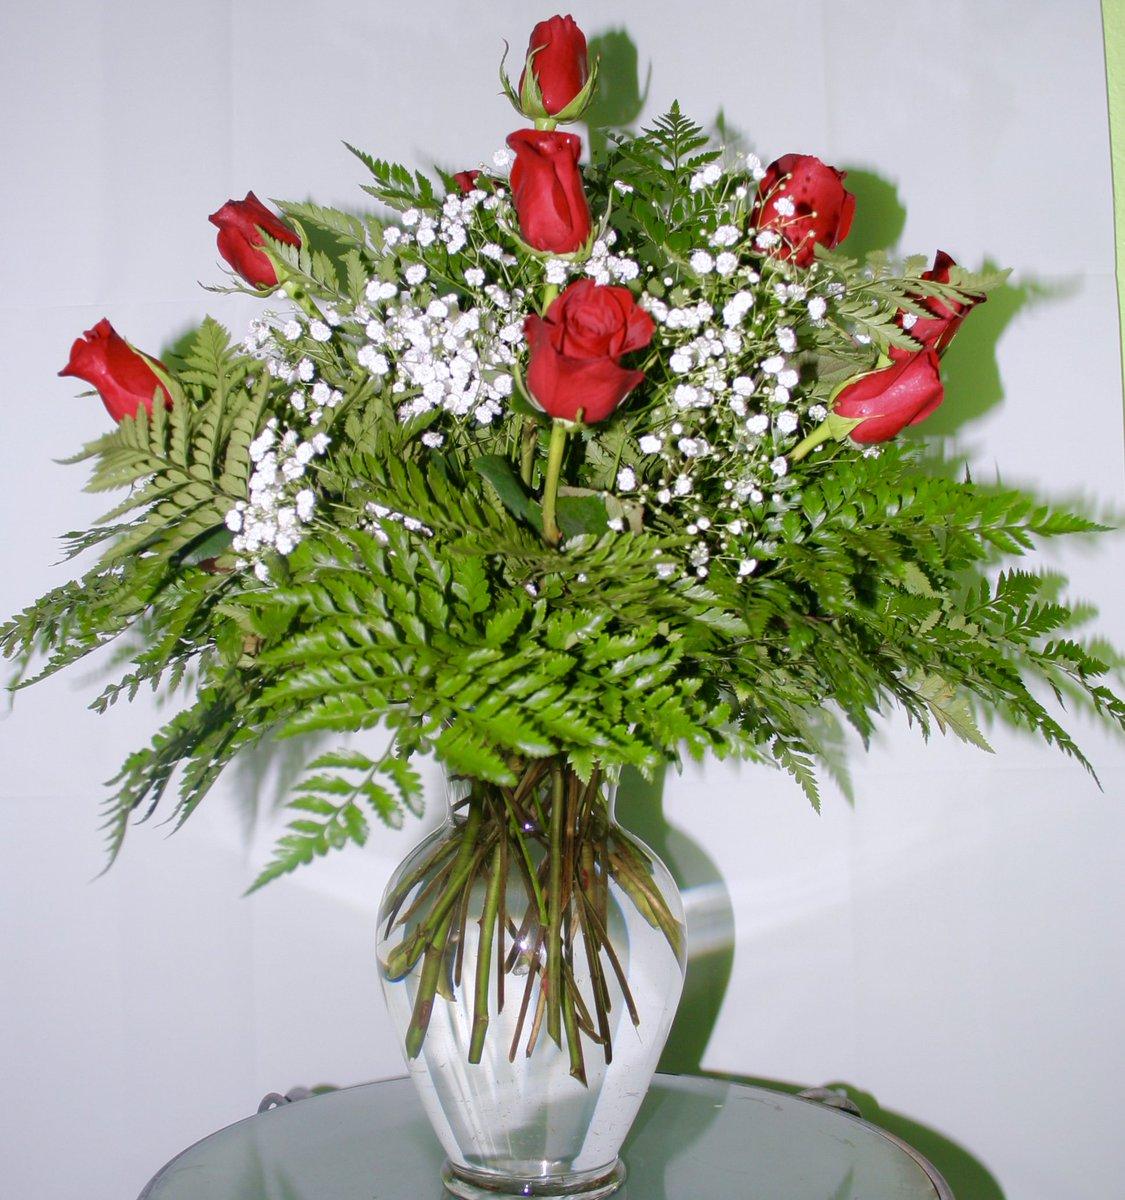 Leanas Garden Floral Gifts Leanasgarden Twitter